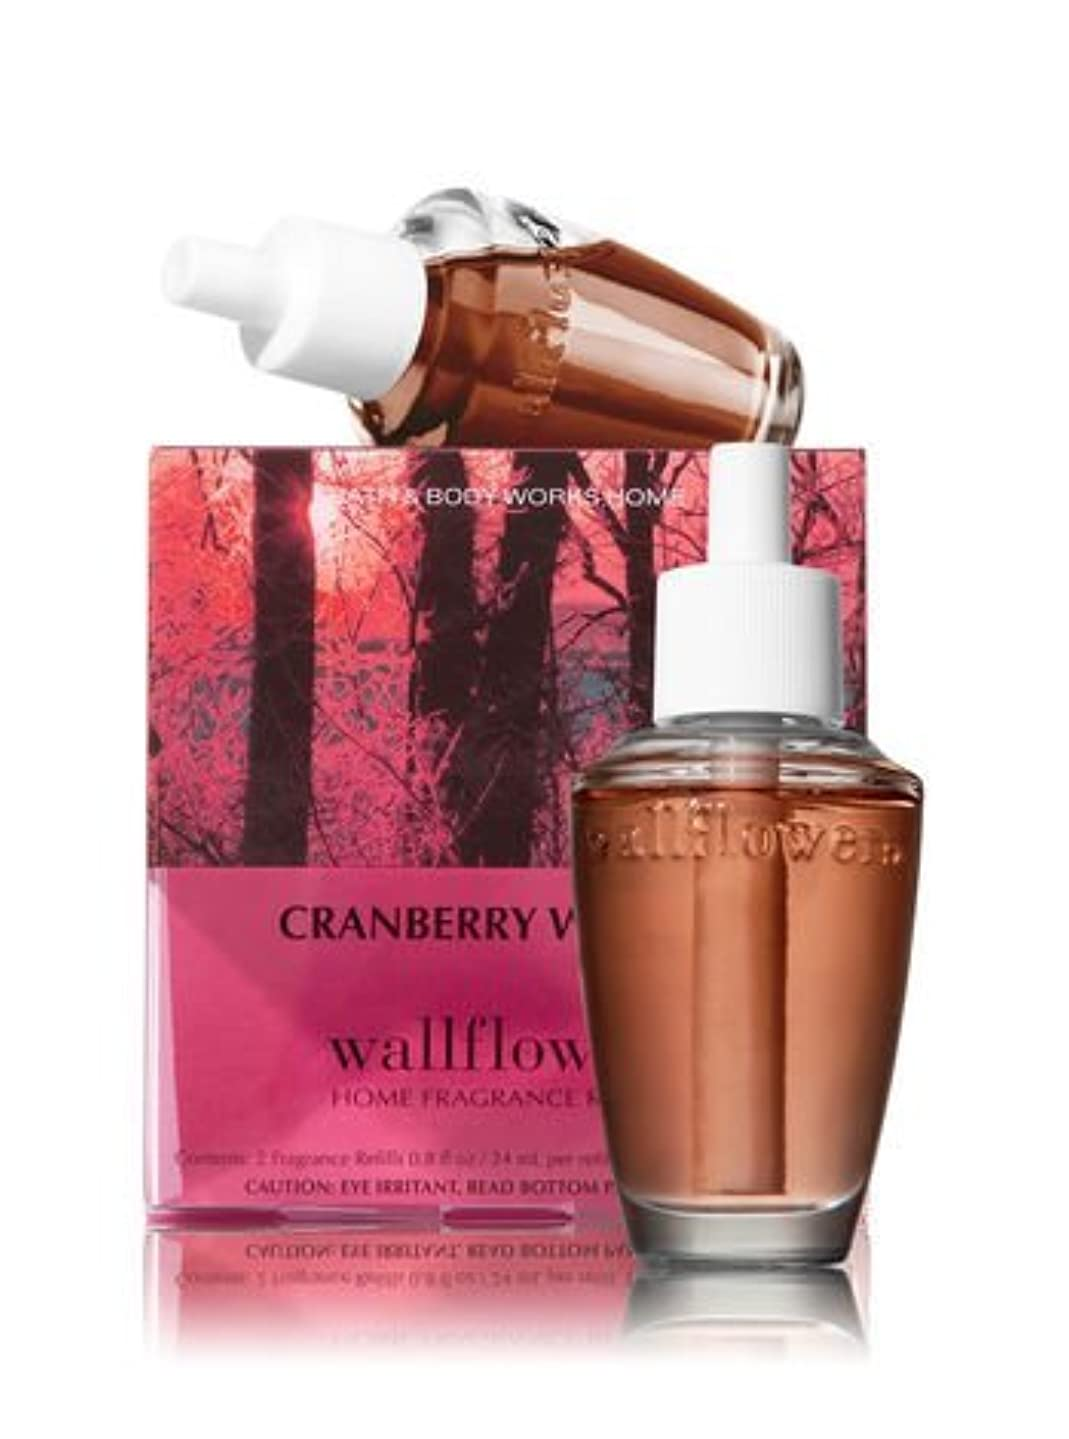 保守的合理化弱点【Bath&Body Works/バス&ボディワークス】 ルームフレグランス 詰替えリフィル(2個入り) クランベリーウッズ Wallflowers Home Fragrance 2-Pack Refills Cranberry Woods [並行輸入品]